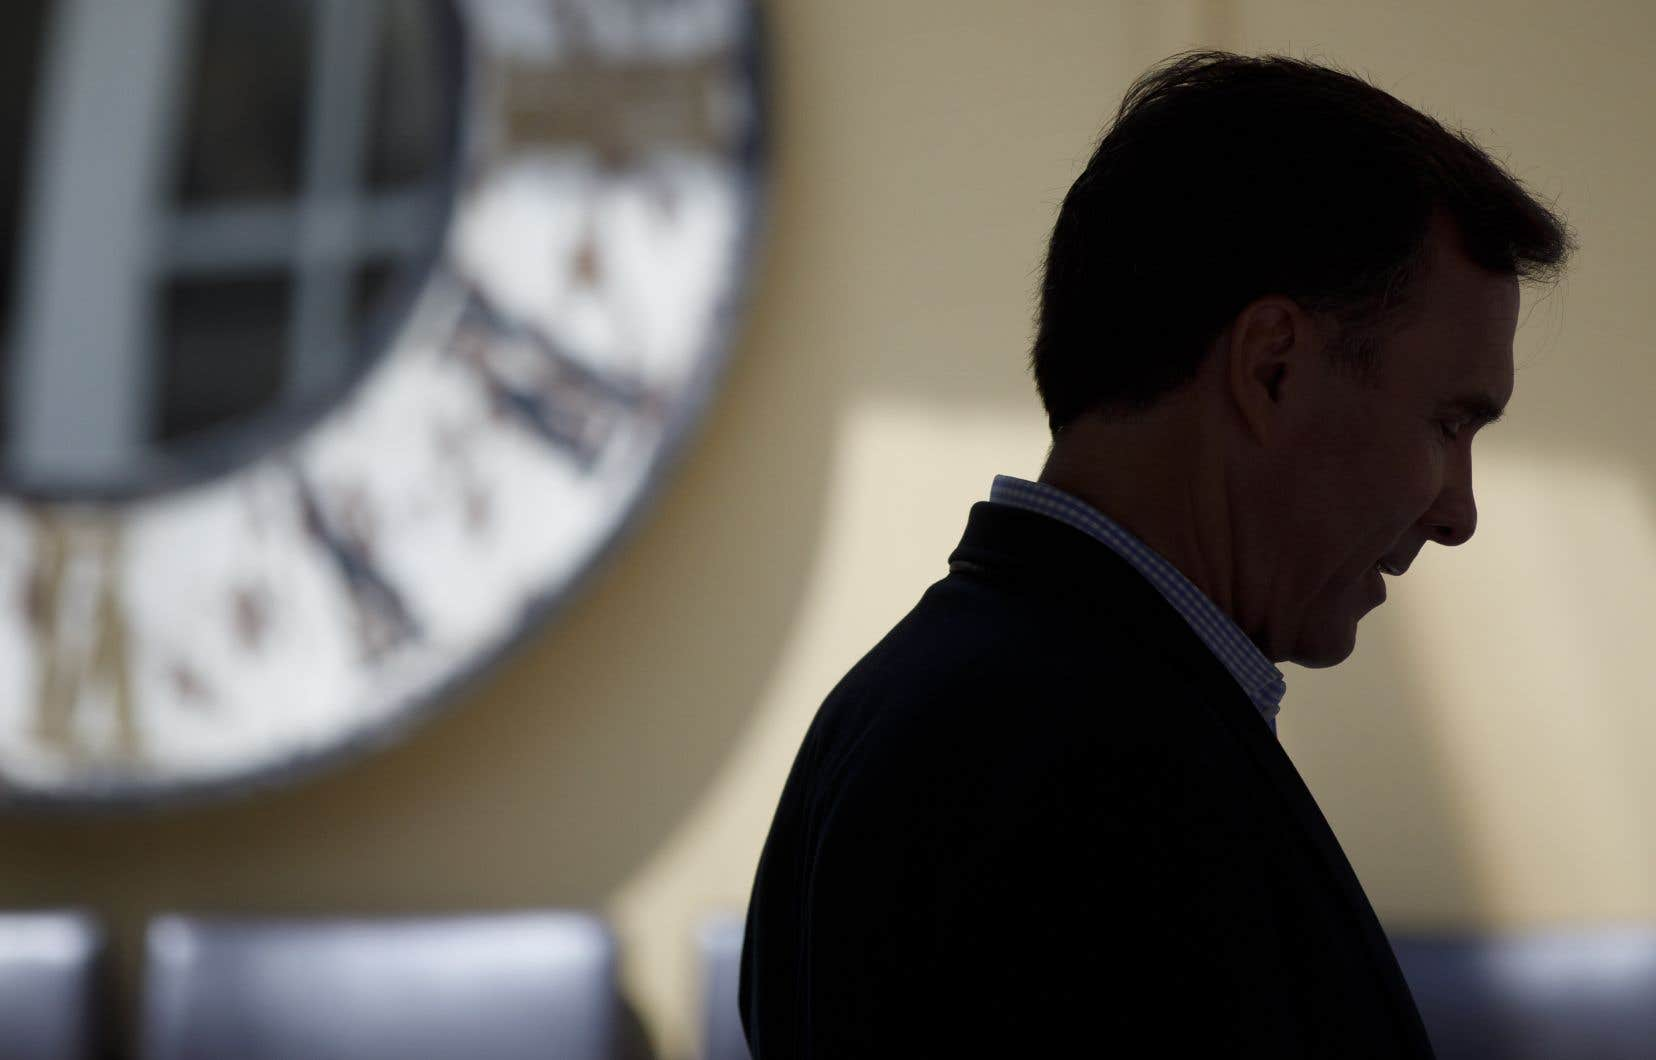 Le commissaire fédéral à l'éthique a ouvert des enquêtes sur le premier ministre Justin Trudeau et le ministre Bill Morneau (sur la photo) dans cette affaire, afin de déterminer s'ils ont violé la Loi sur les conflits d'intérêts.